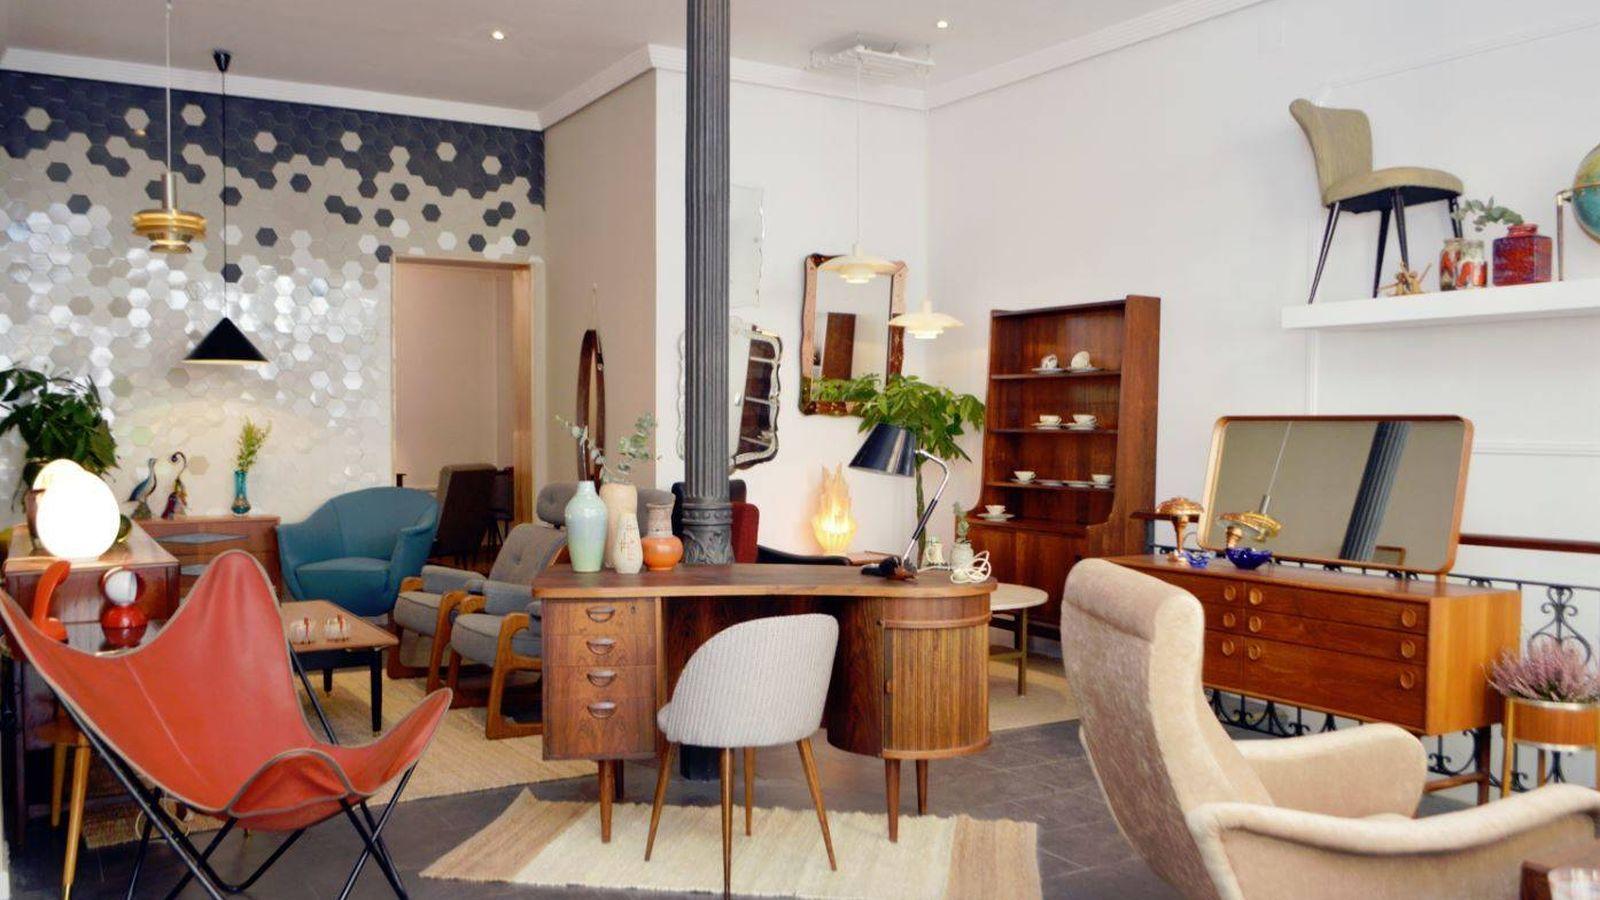 Foto: Empieza por redecorar. En Midcentury-La Recova cuentan con todo lo necesario para pasarte al diseño nórdico. (Foto: Cortesía)